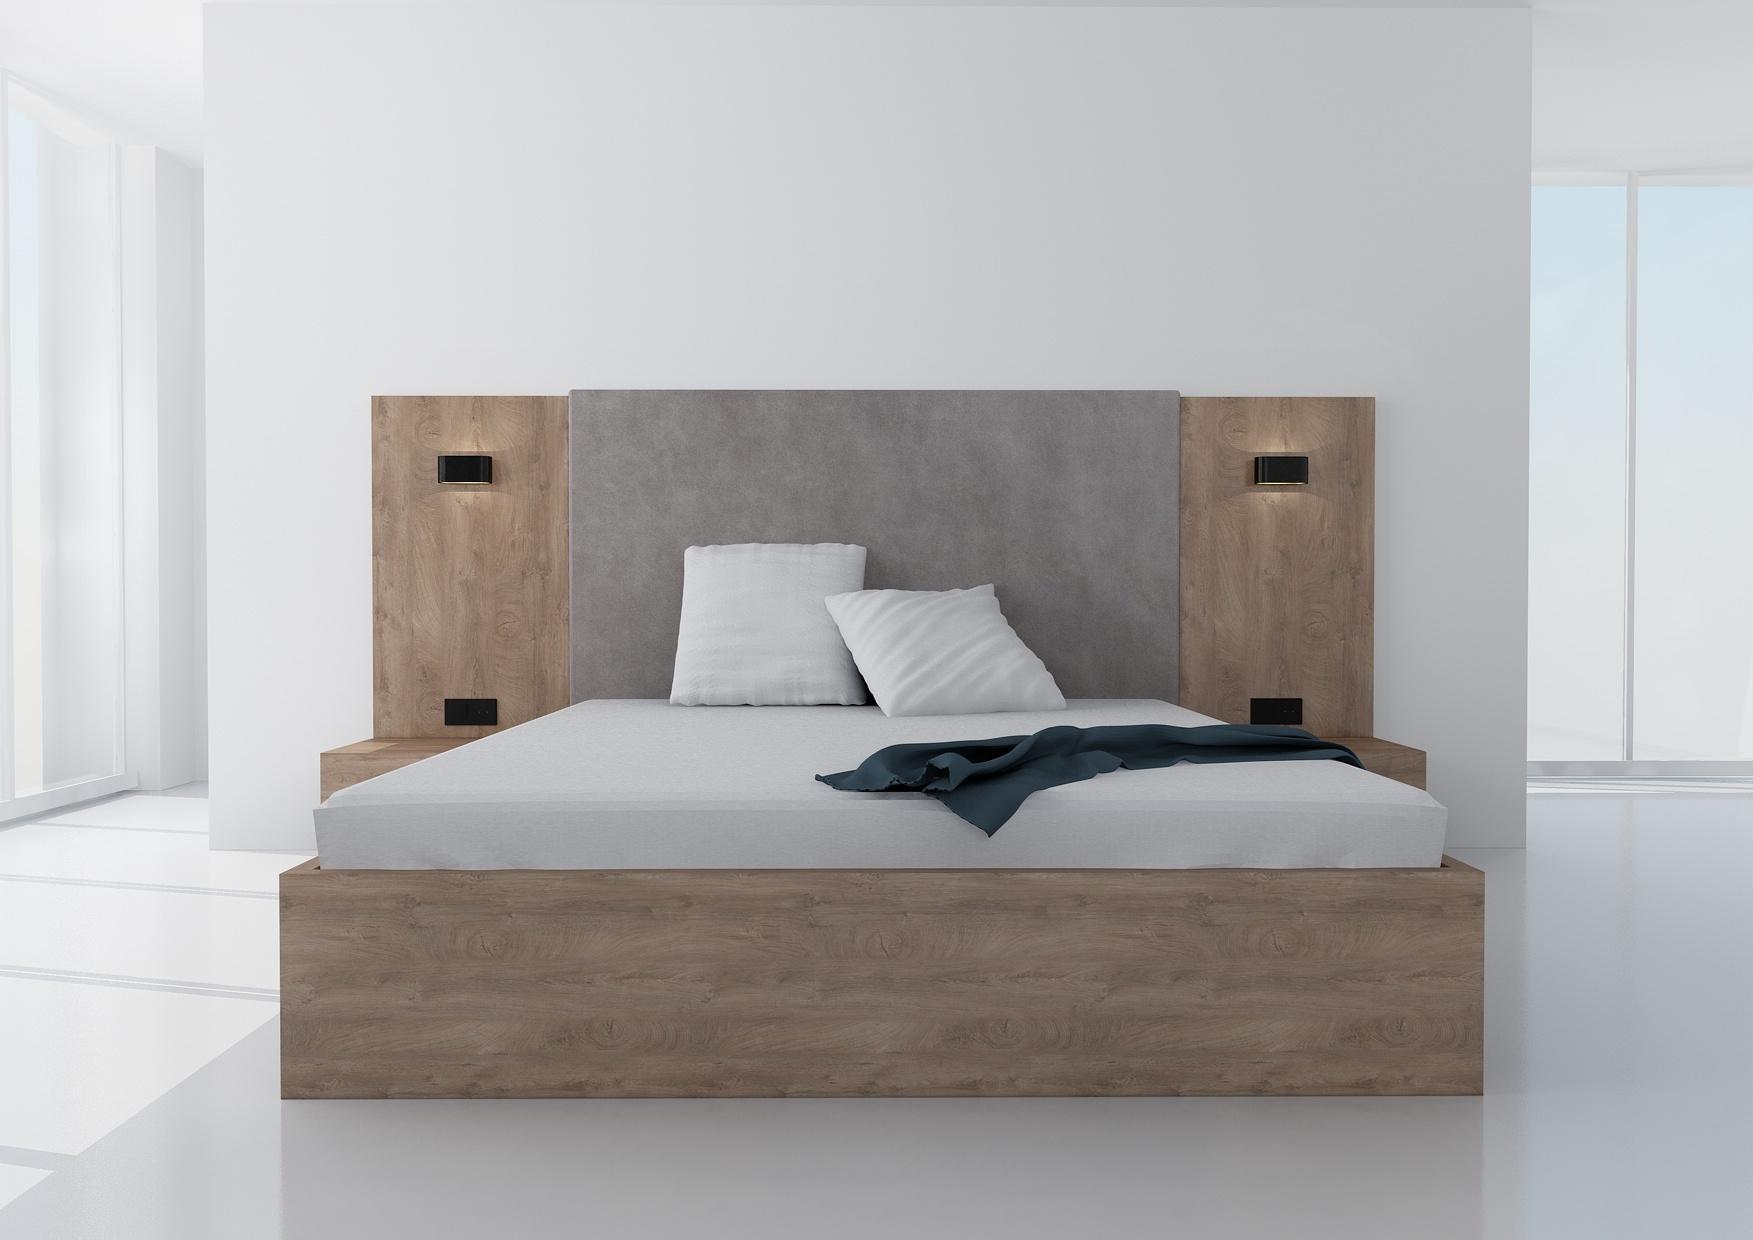 Manželská posteľ Koncepto, dub koňak, sivé čalúnenie, nočné stolíky, svietidlá a zásuvky